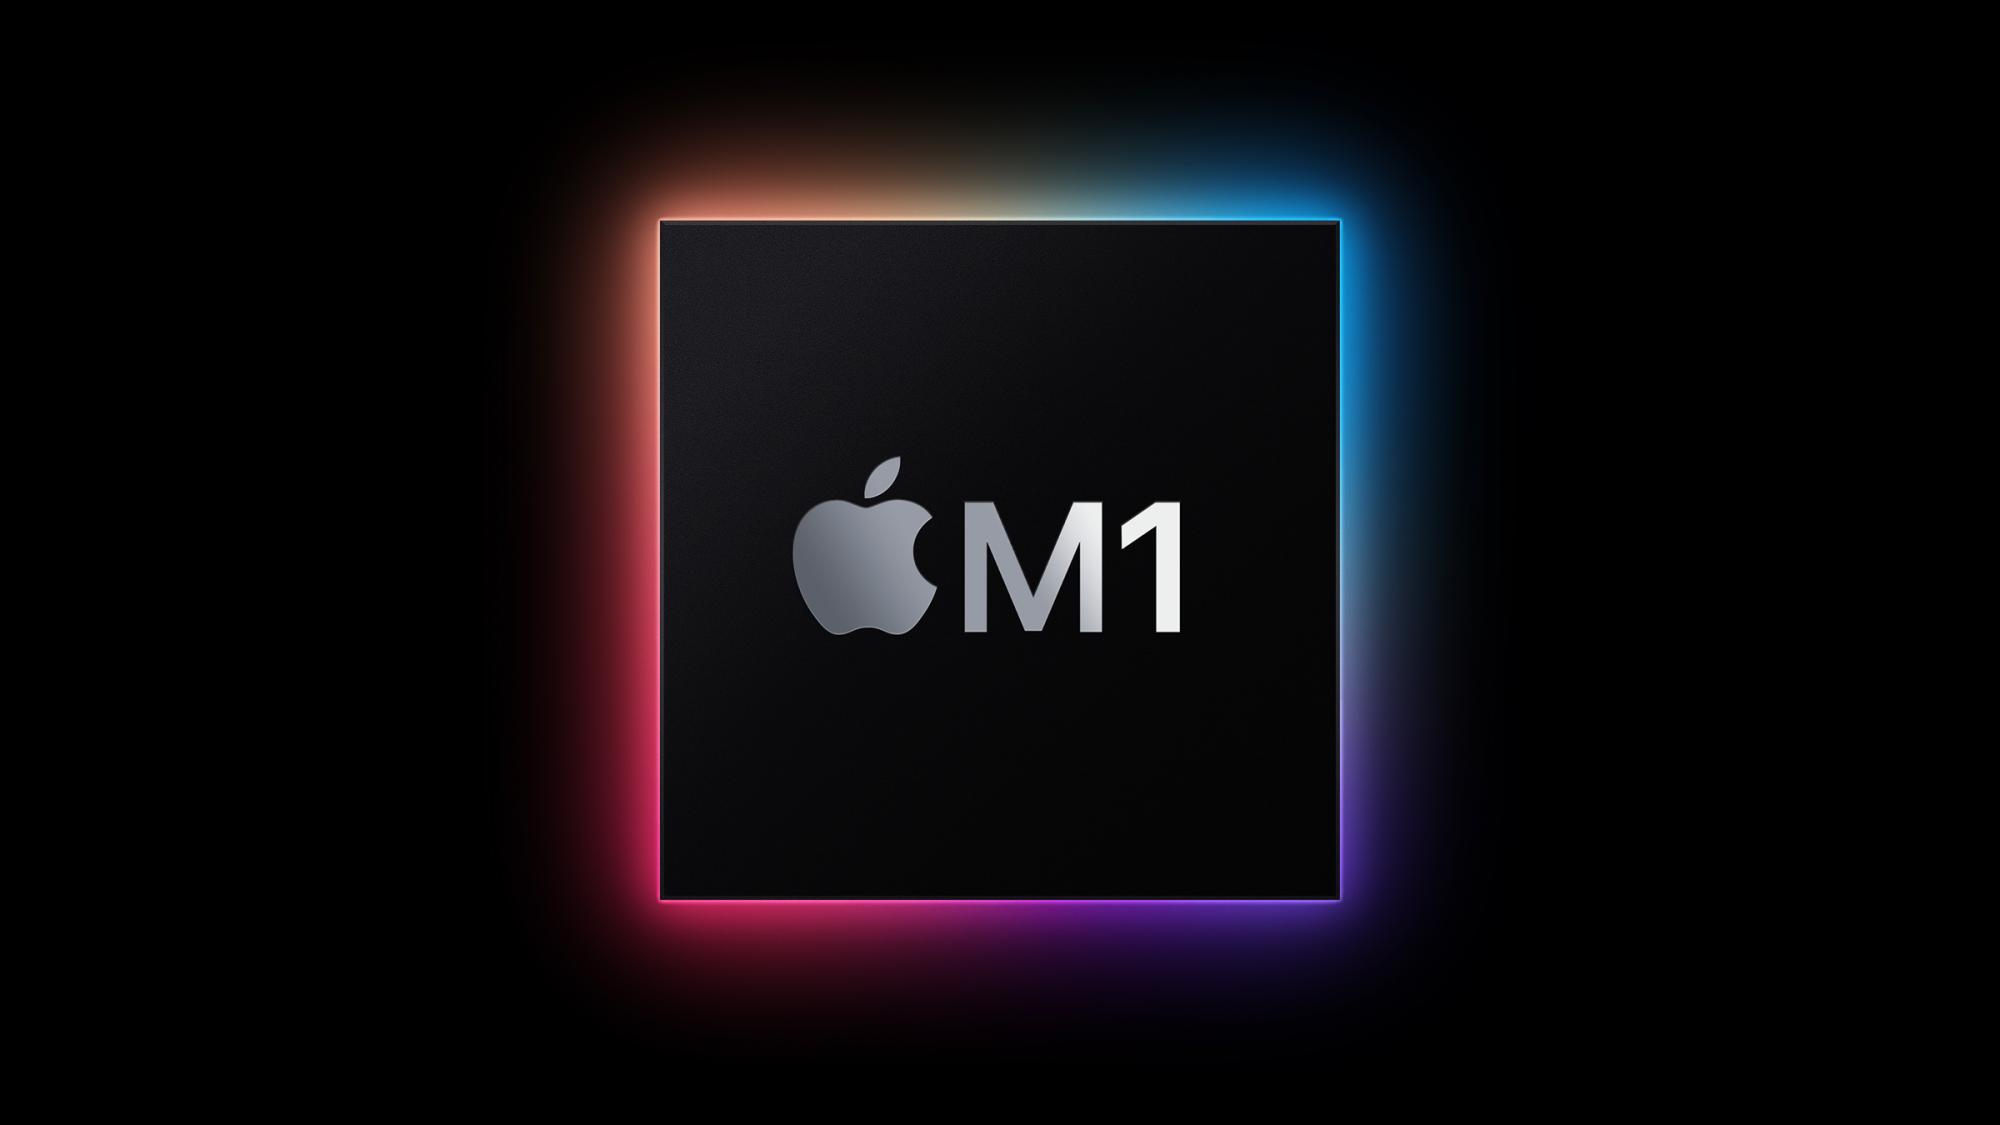 全新Macbook登場!Apple發表專為Mac打造的M1晶片,大幅提升效率與性能,開啟Mac系列新時代!